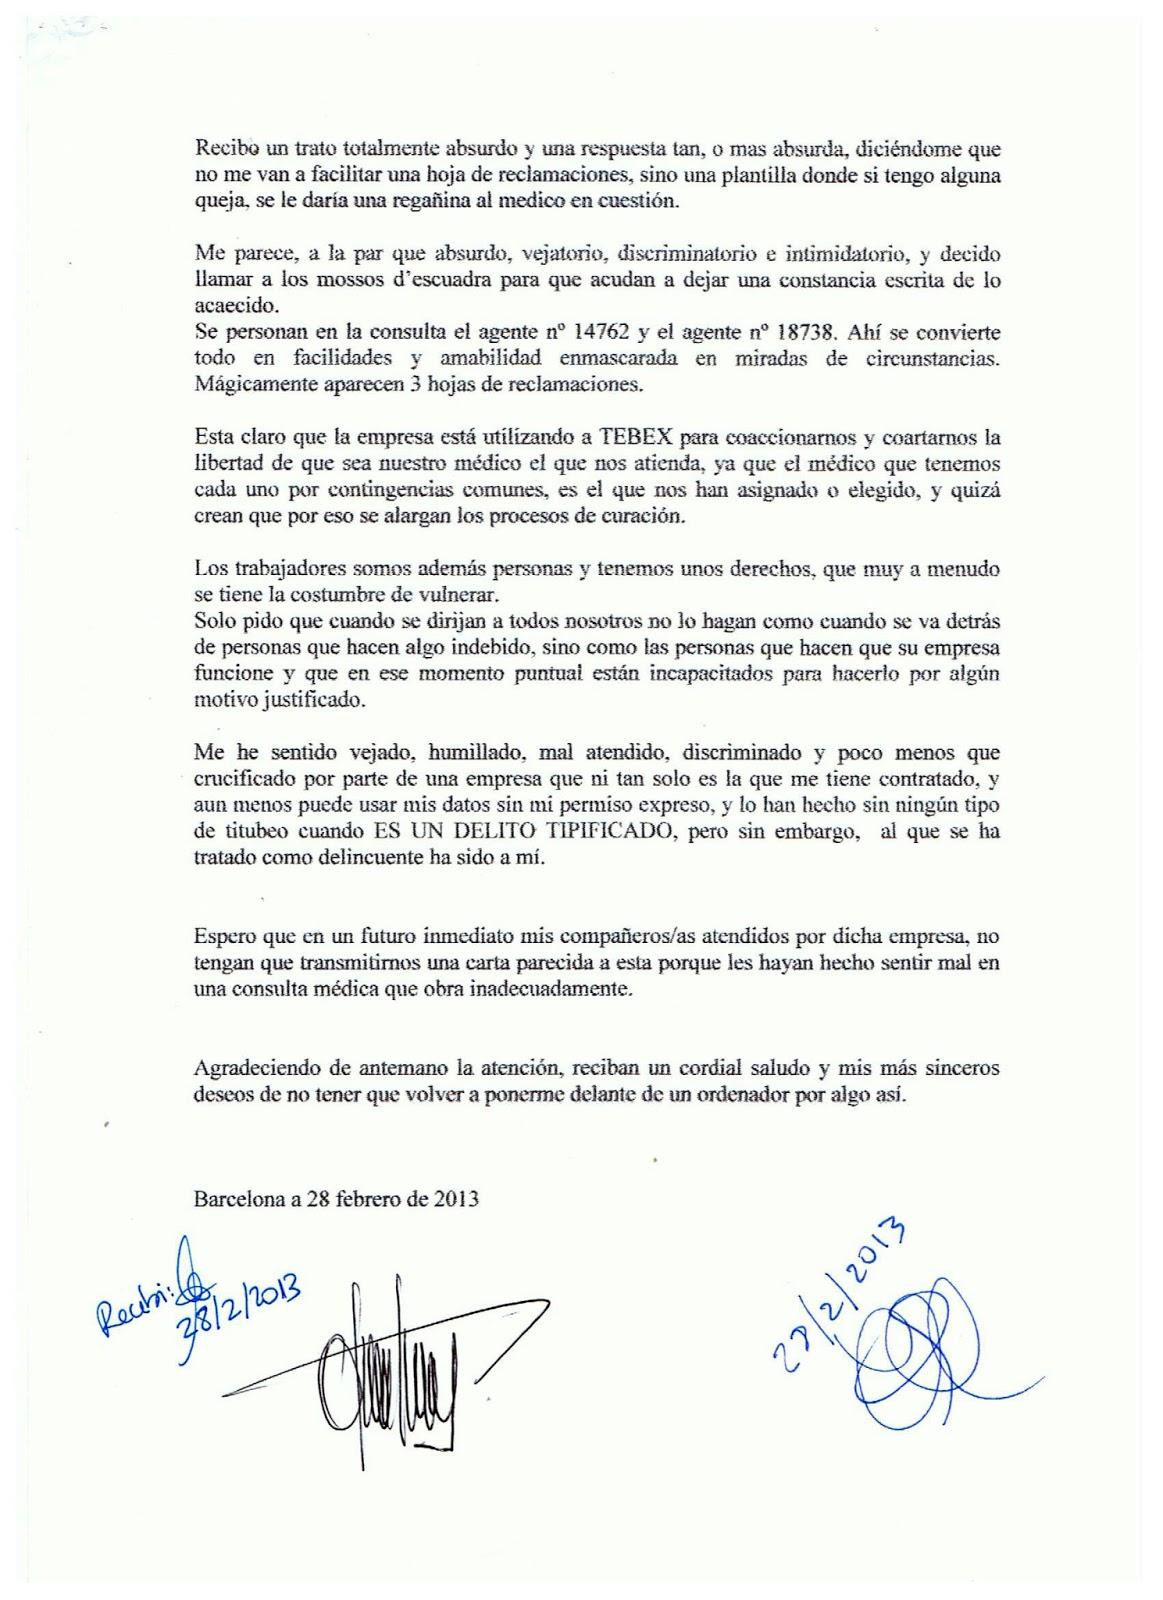 Sección Sindical CCOO_BSM: Carta de queja sobre el trato recibido ...